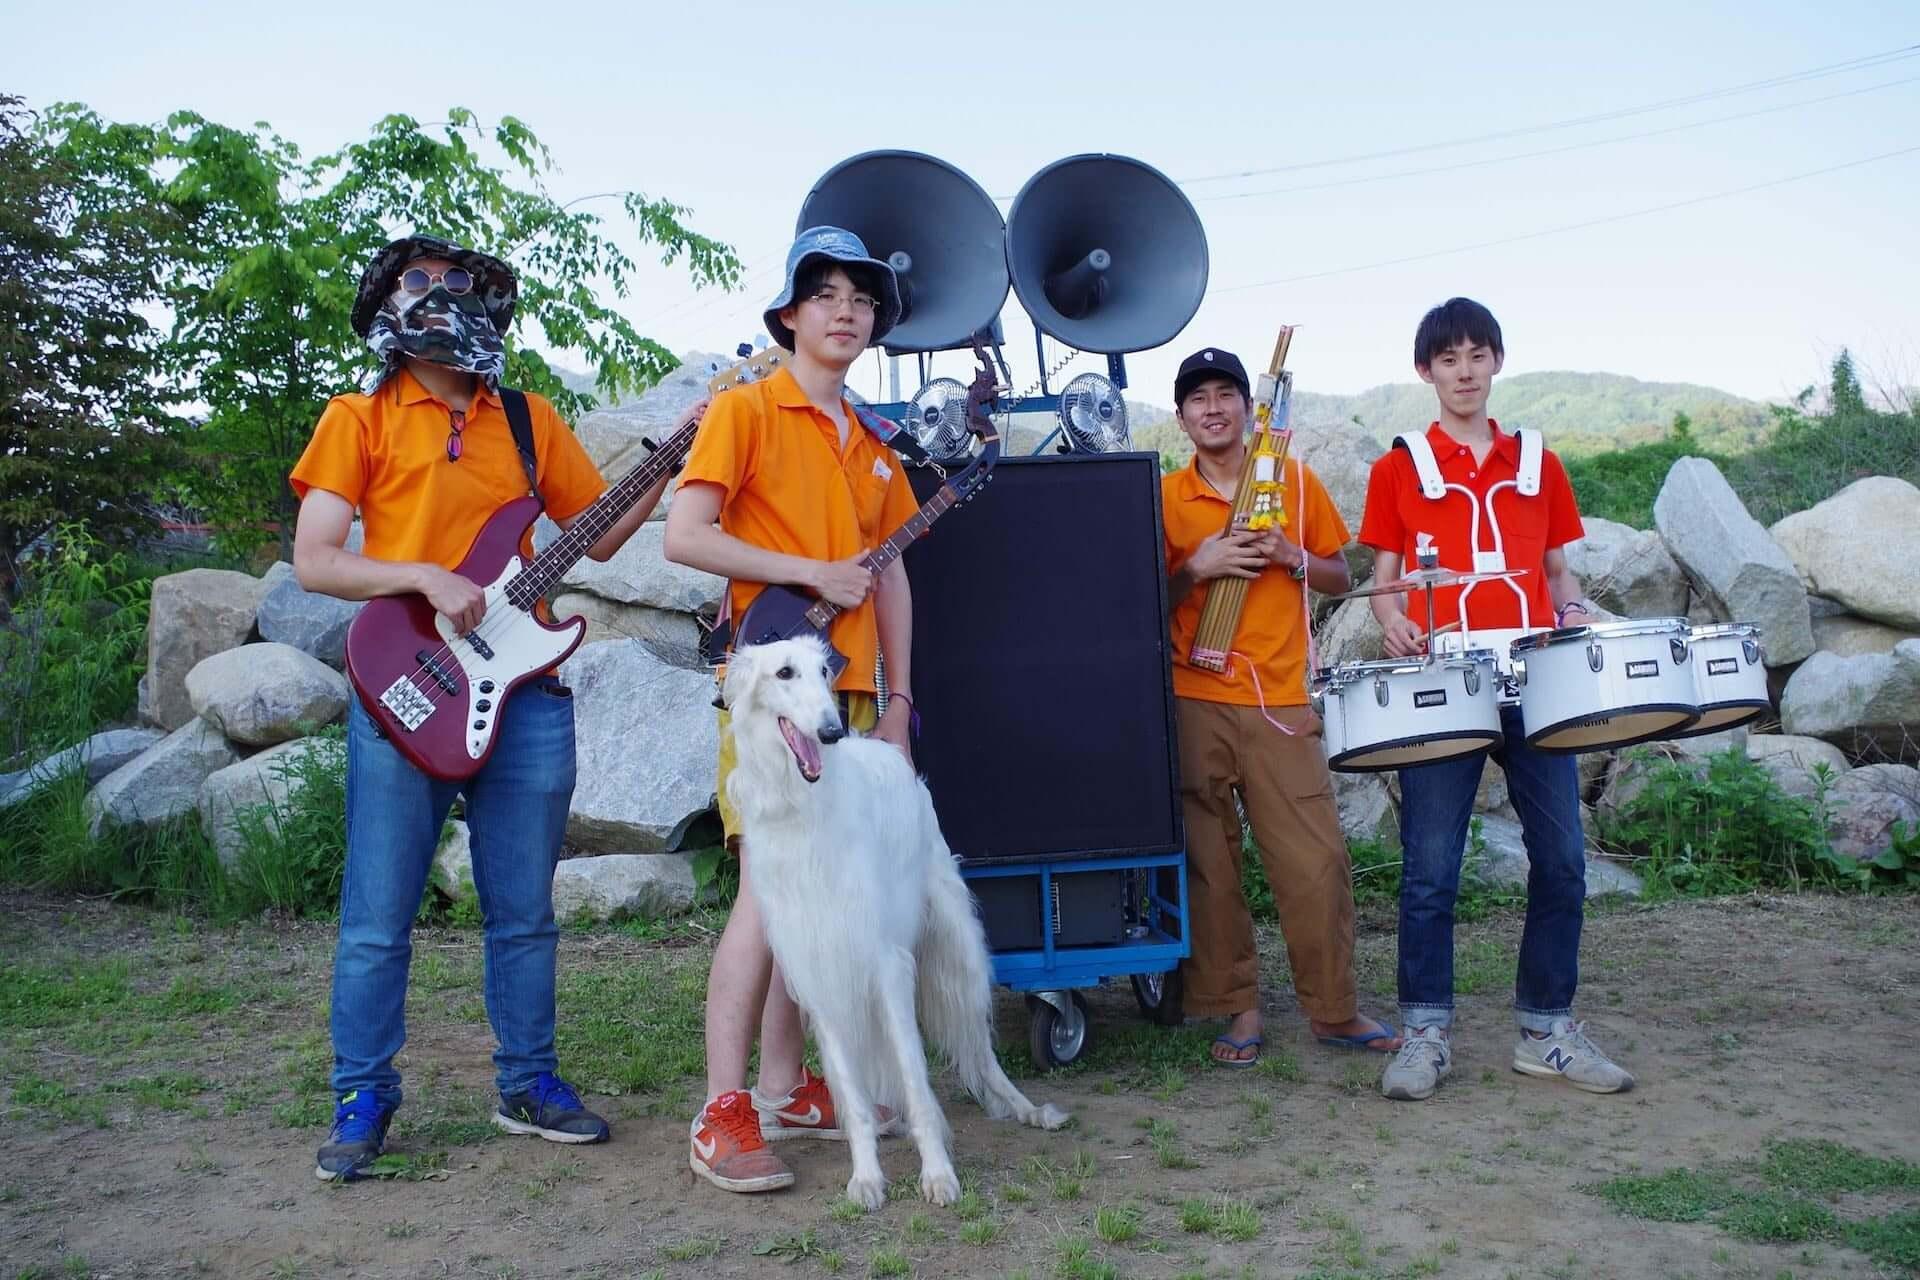 入場数限定のキャンプインイベント<CAMPus VOL.02>に児玉奈央、Monaural mini plugが出演決定! music200914_campus_2-1920x1280